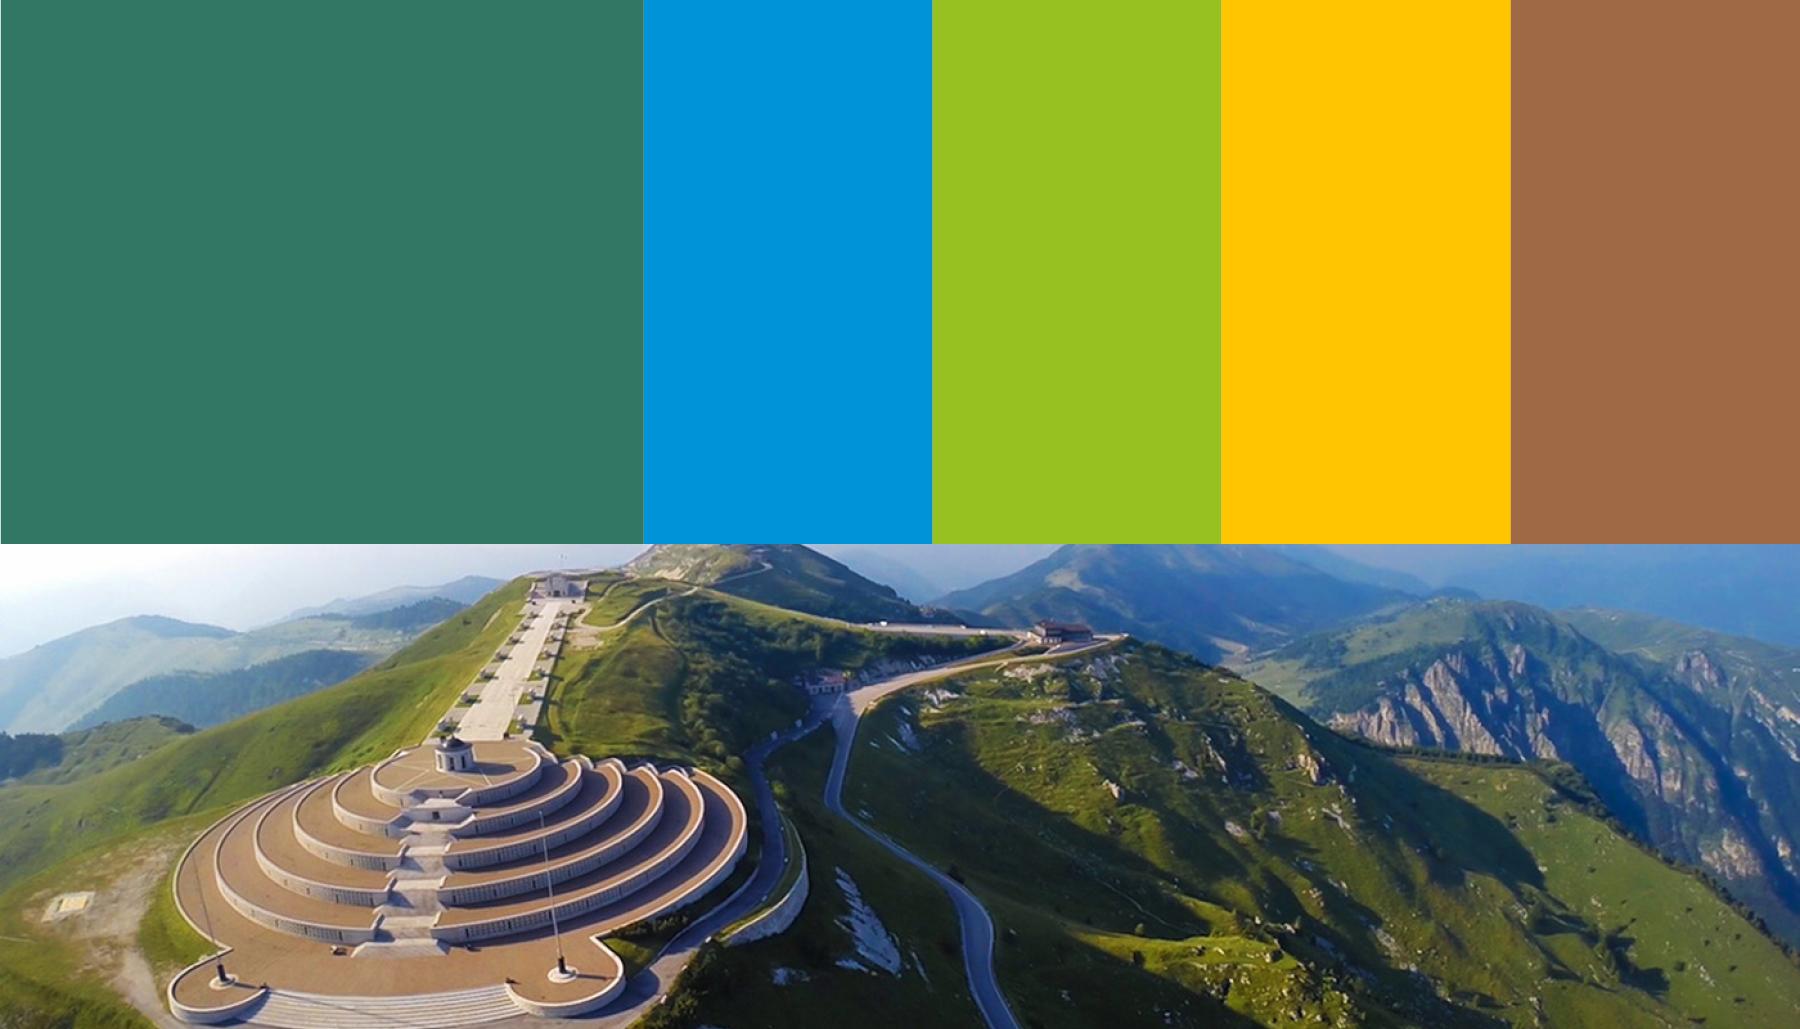 Strategia di marketing territoriale colori immagine Il Grappa | Kora Comunicazione